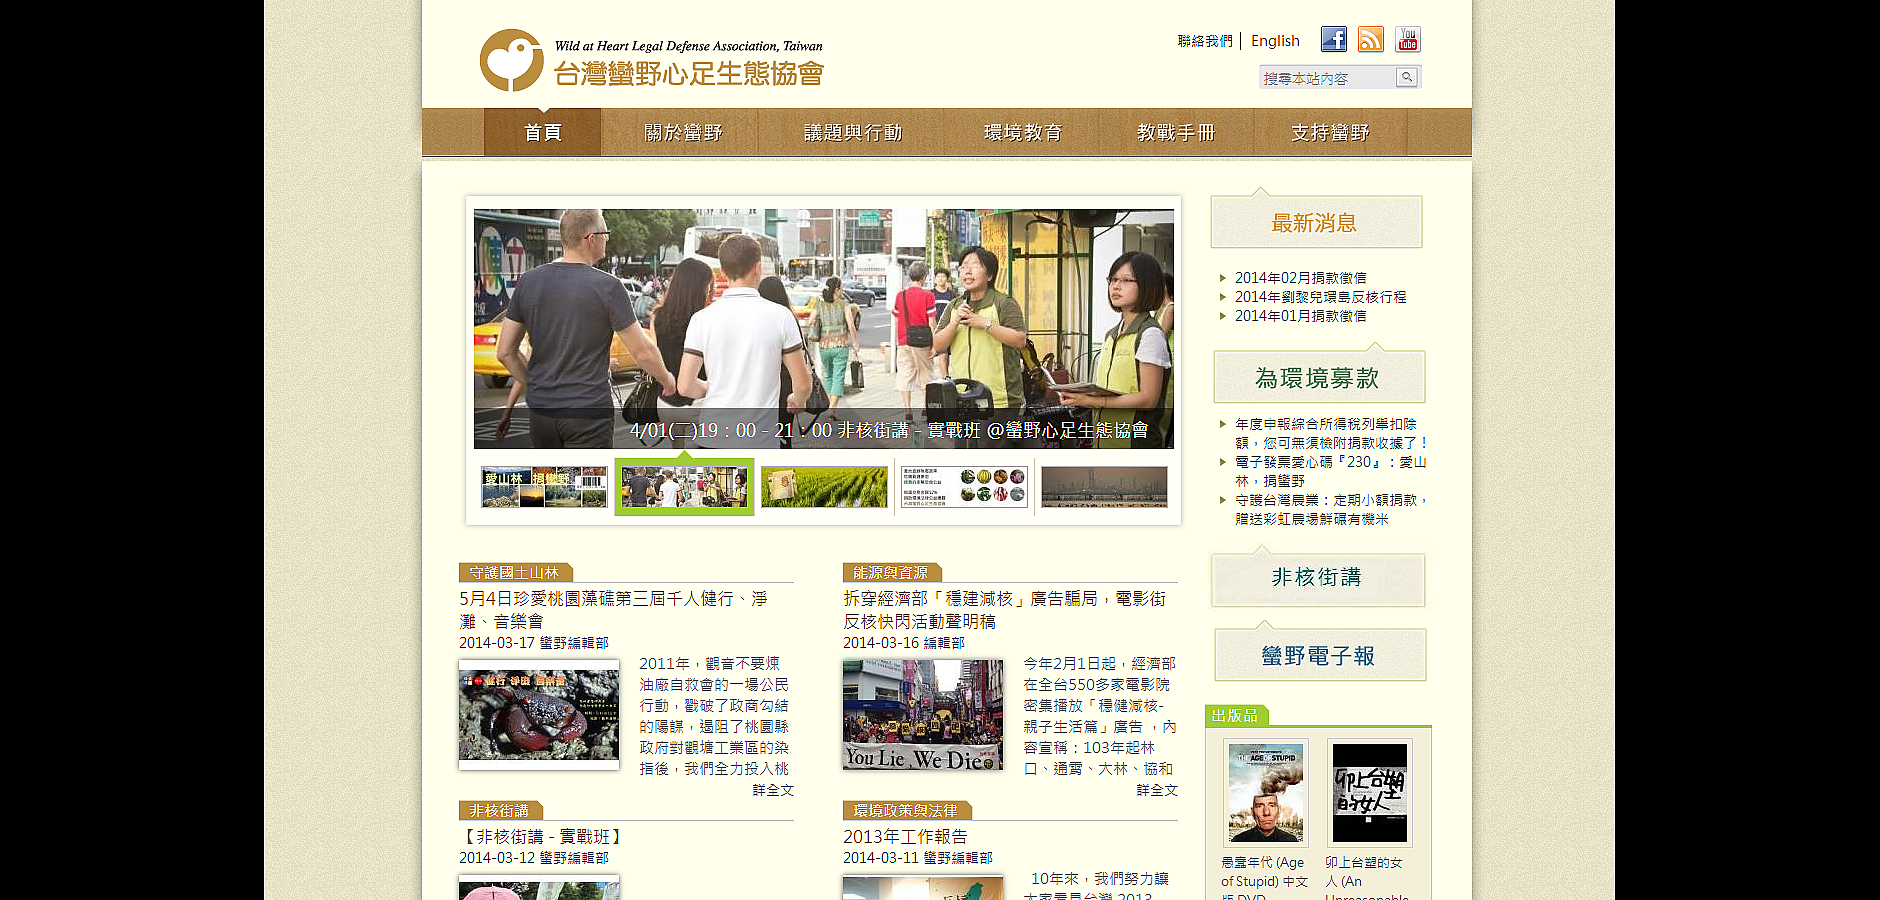 台灣蠻野心足生態協會